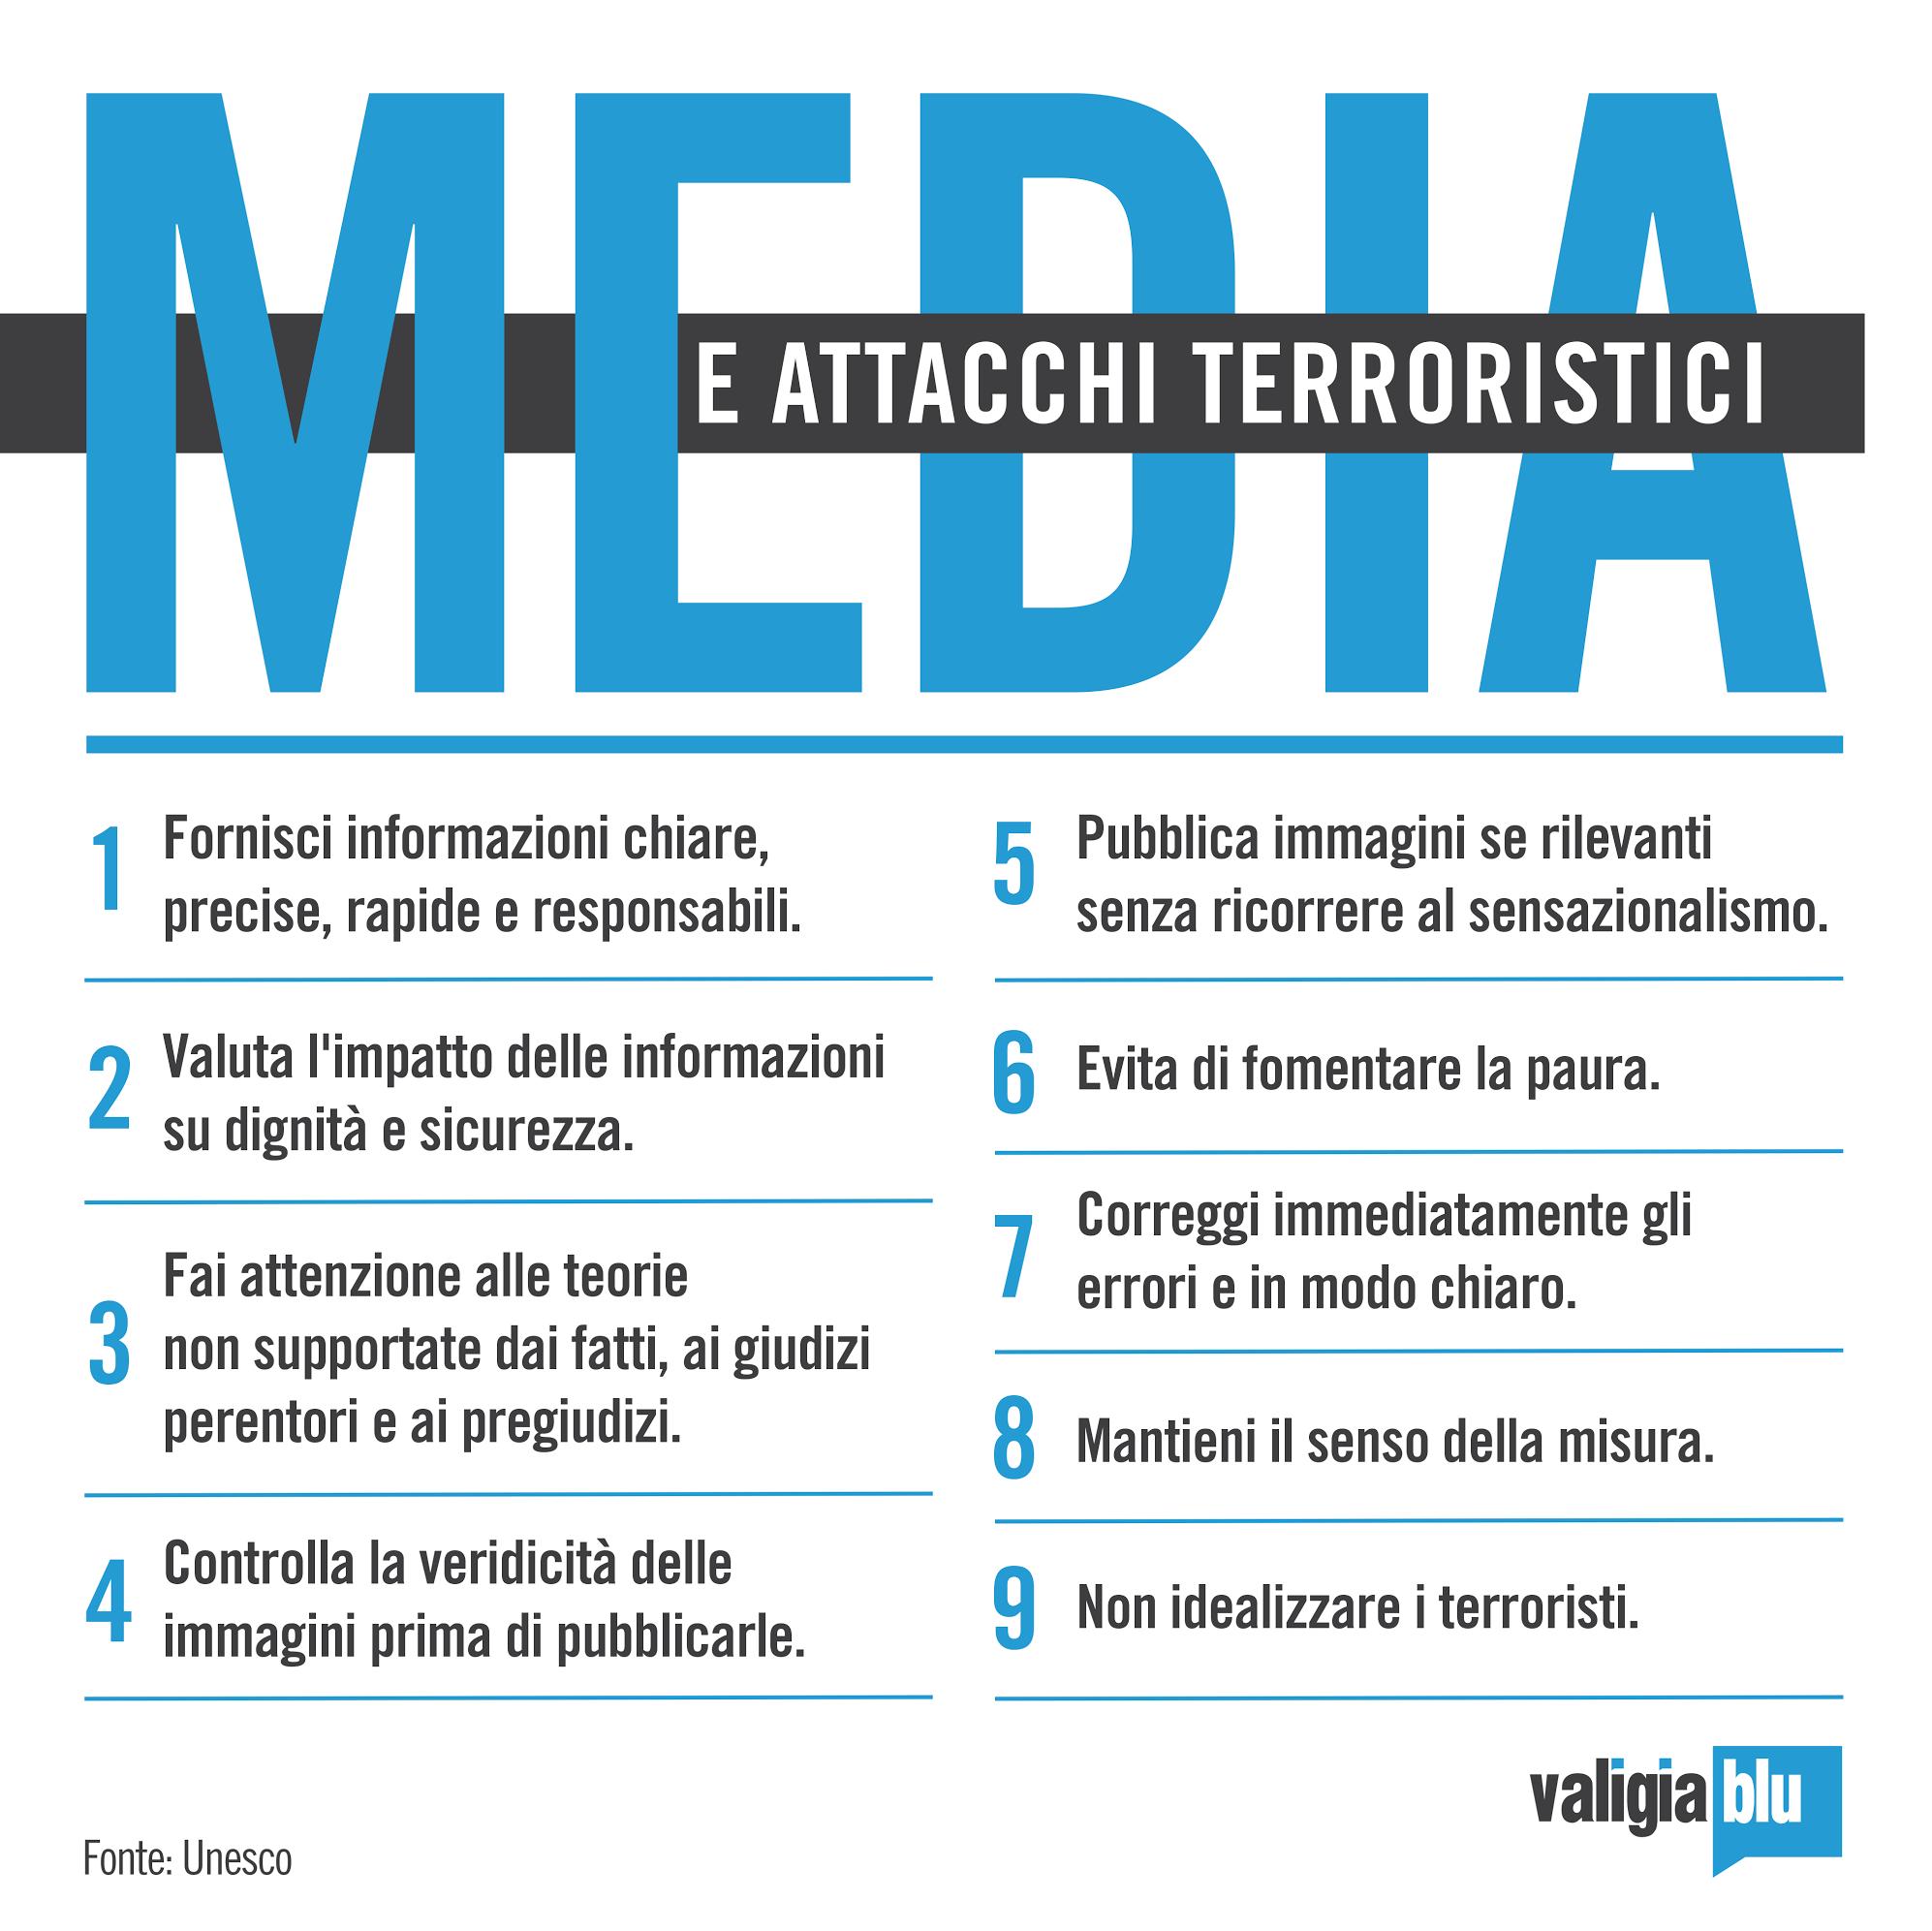 La sfida del terrorismo ai media e ai social network – Valigia Blu 9a792d480db6